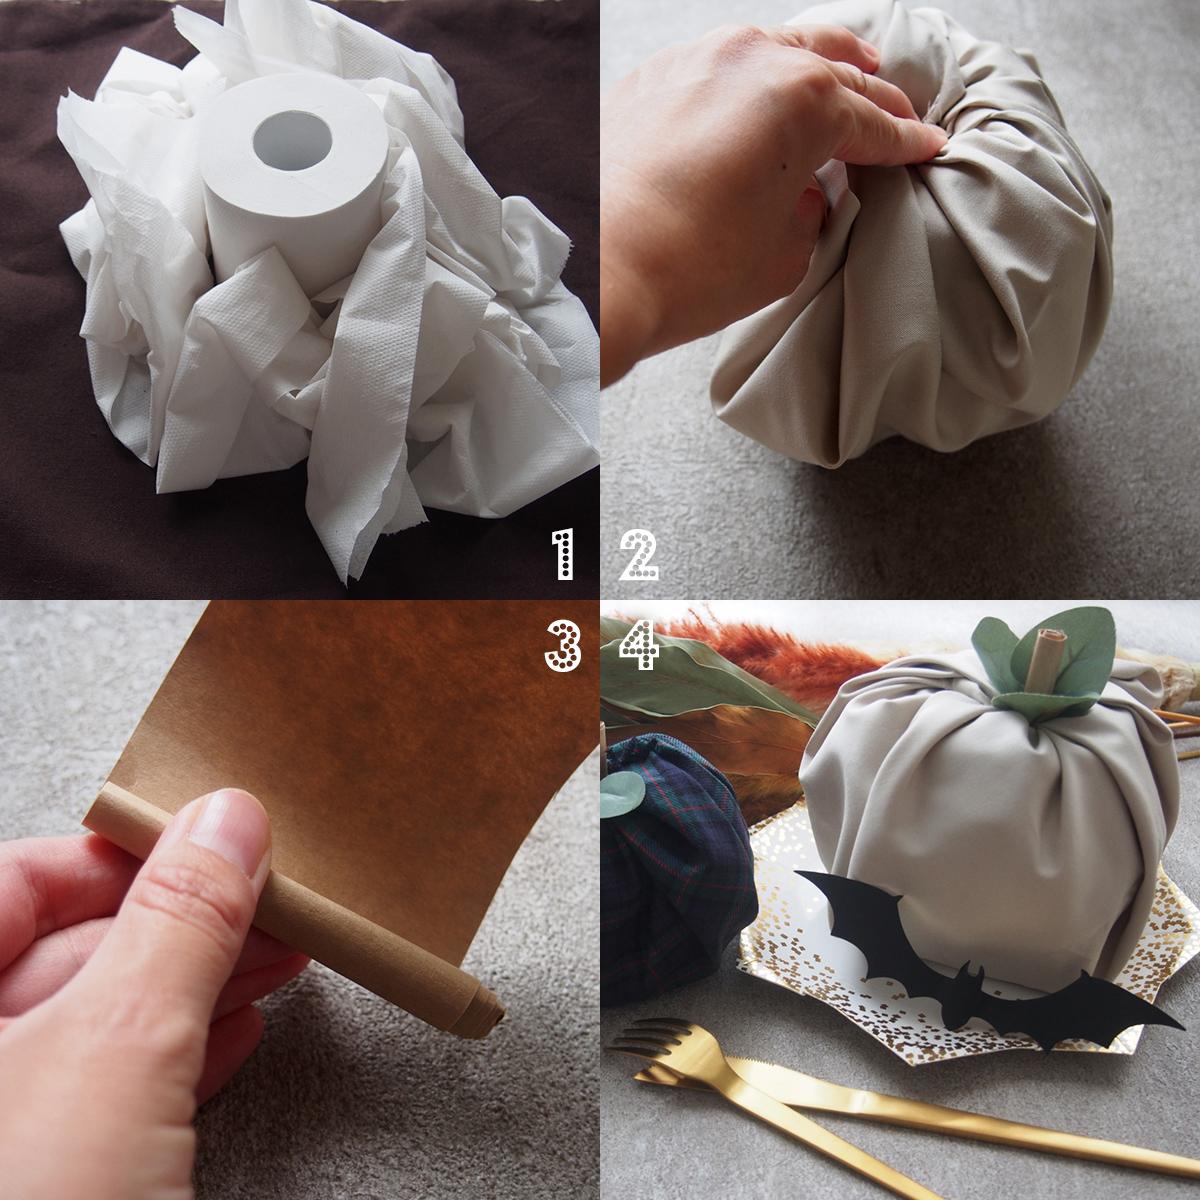 パンプキン作り方